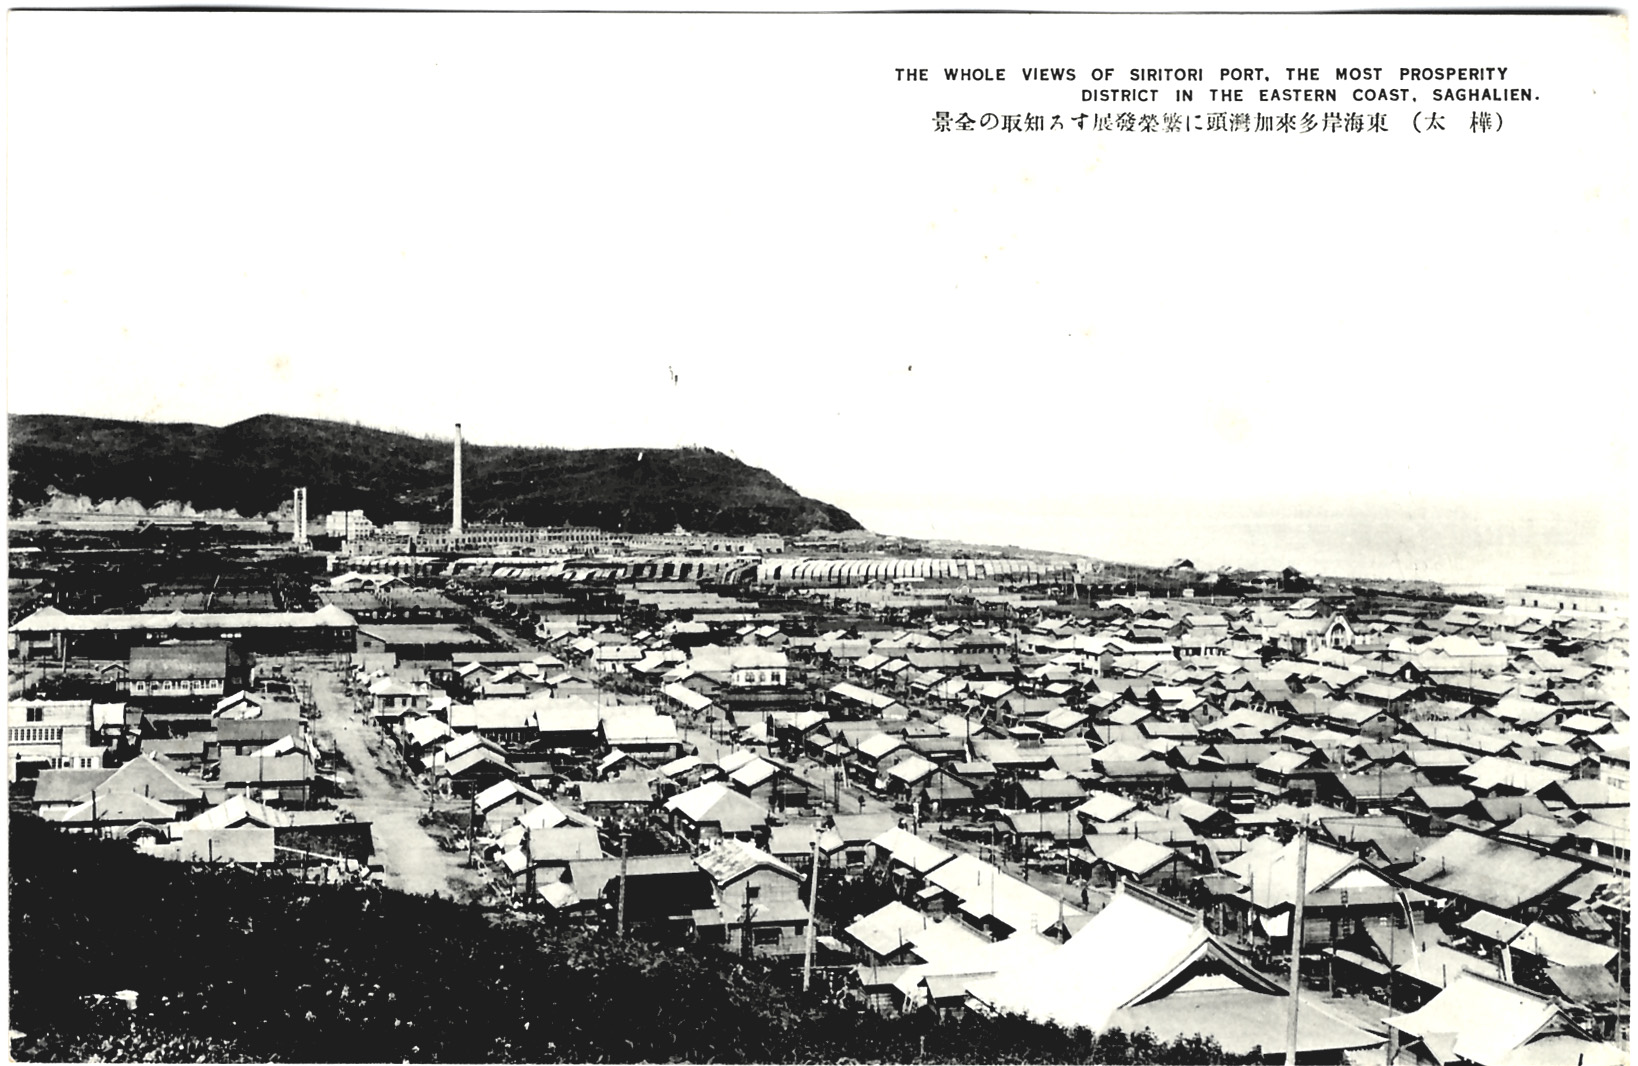 Вид на порт и город Сиритору.